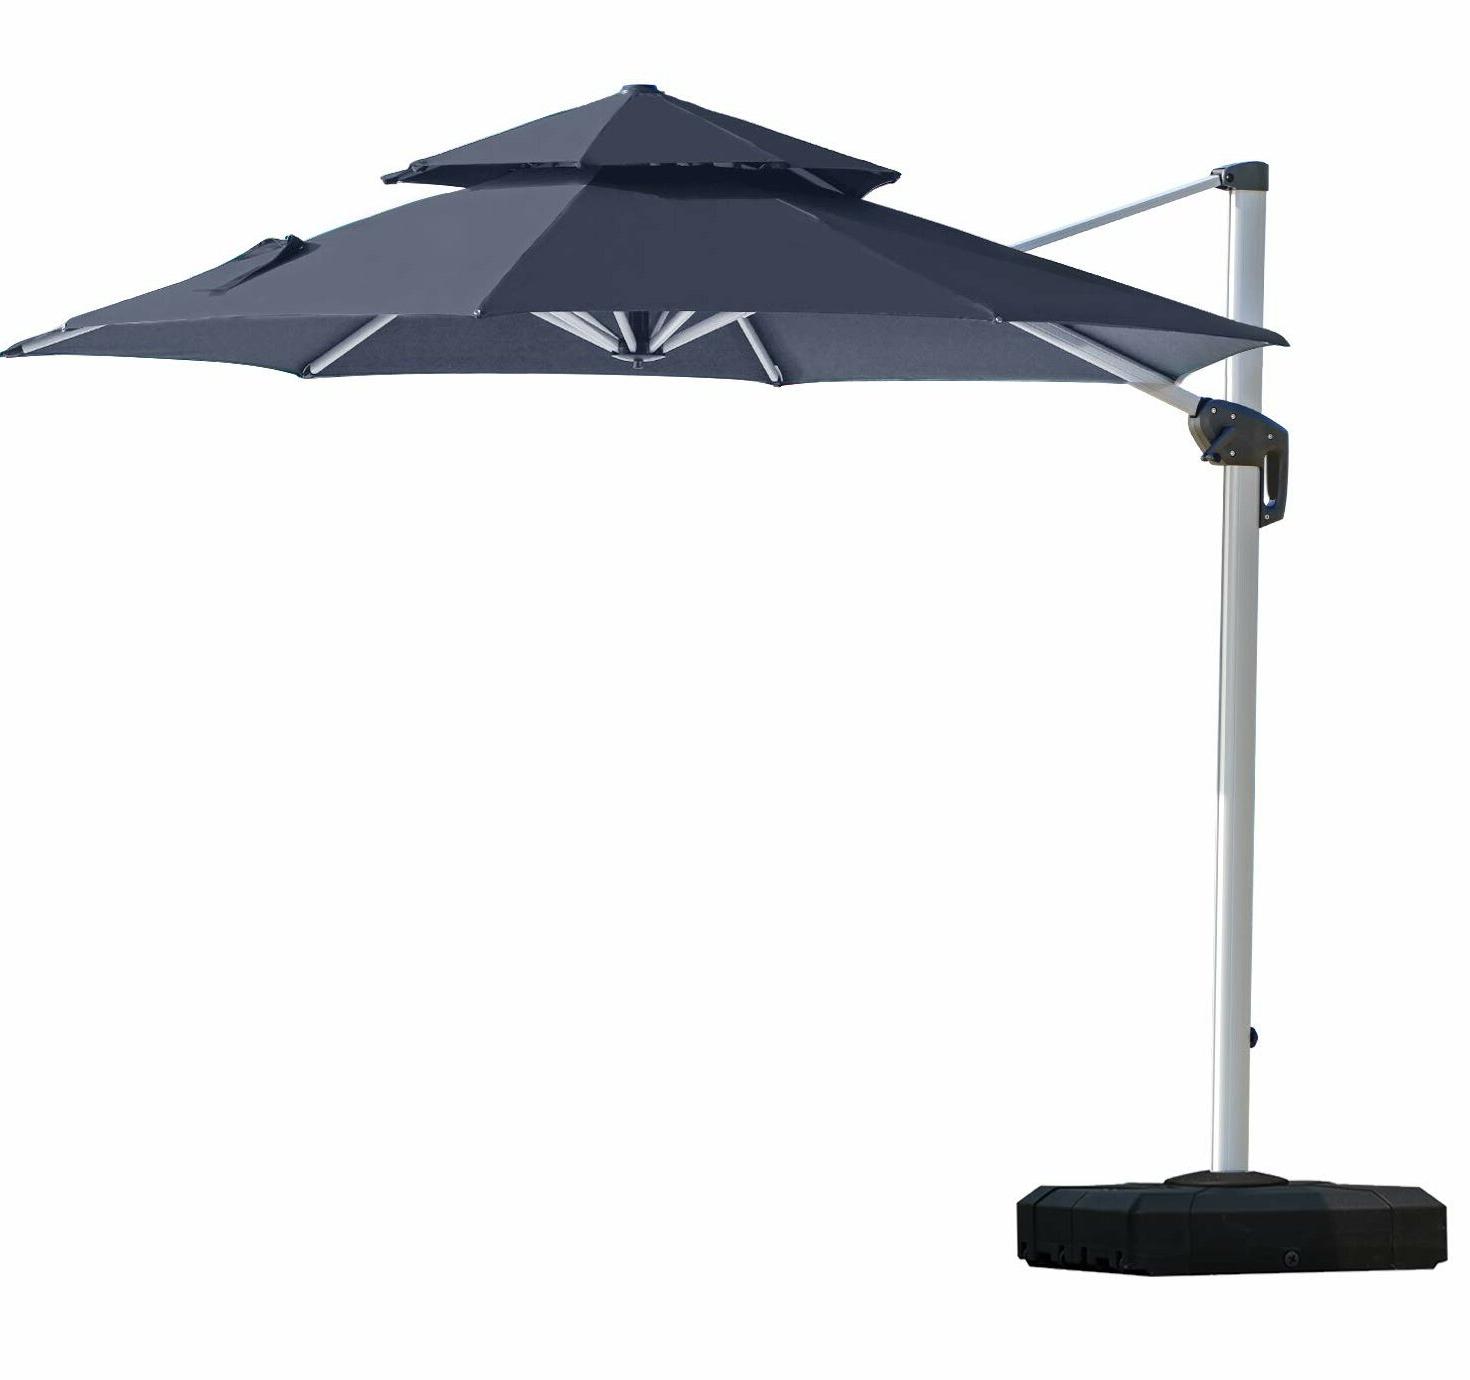 Lytham 10' Cantilever Umbrella Pertaining To Popular Voss Cantilever Sunbrella Umbrellas (View 16 of 20)